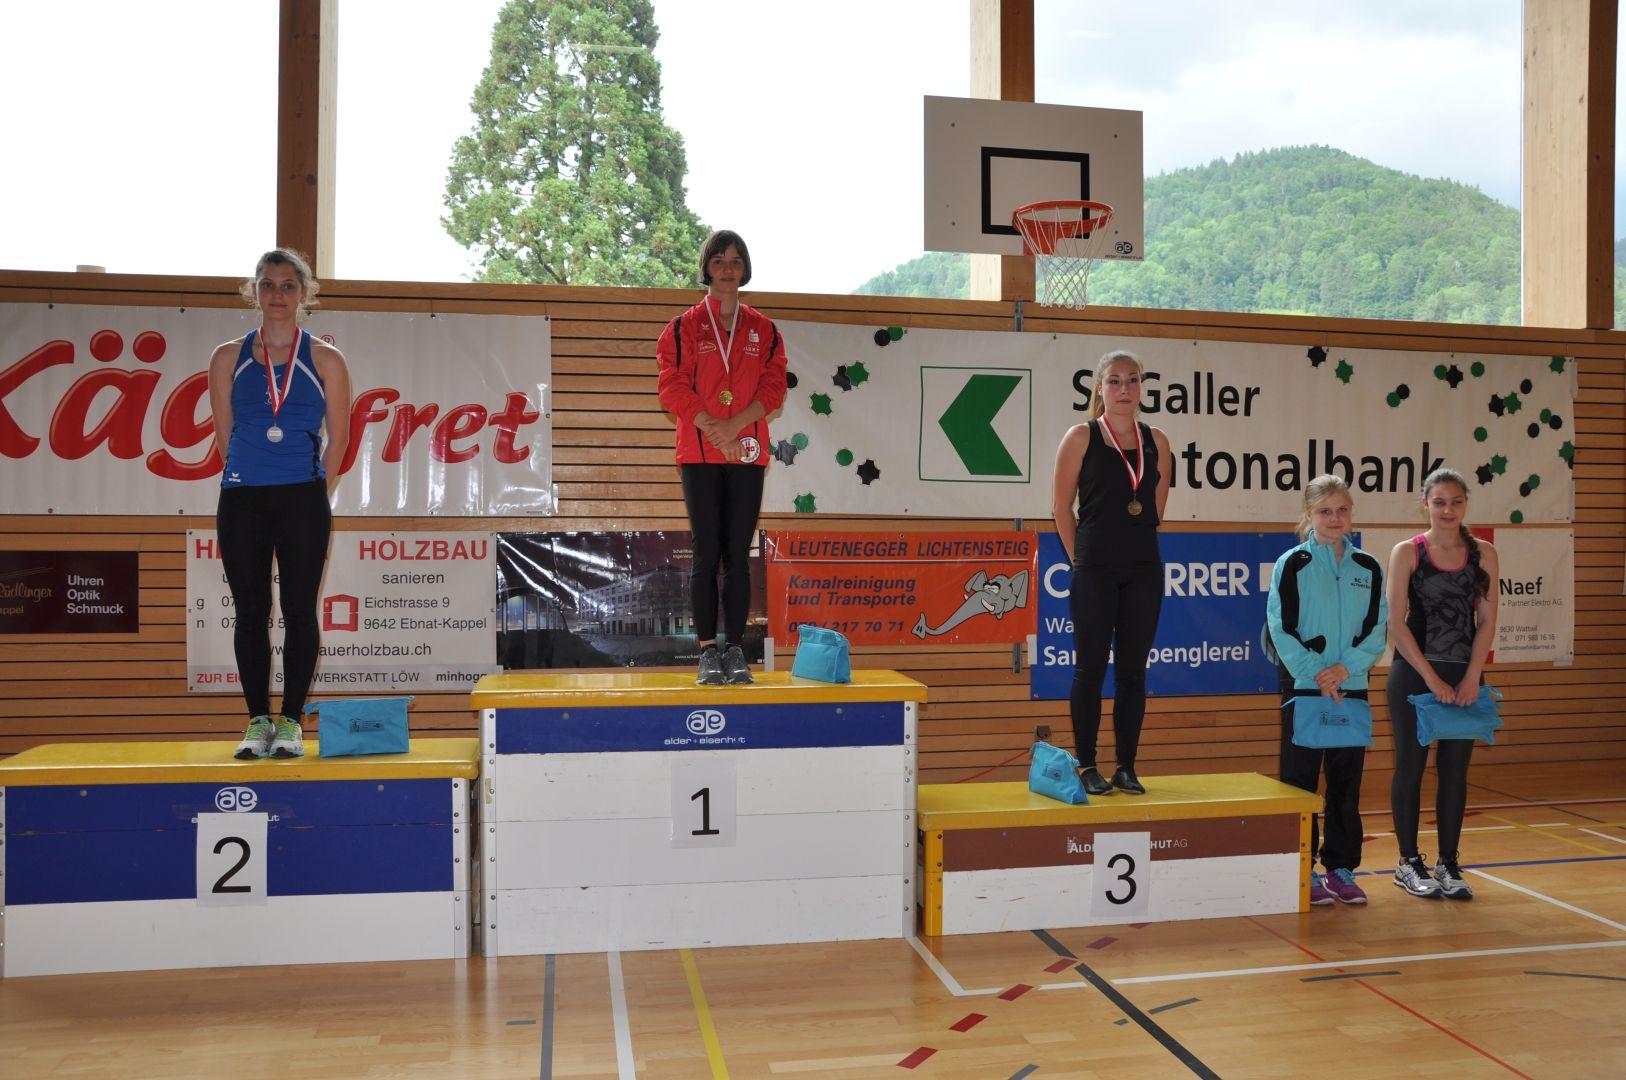 Internationale Bodenseemeisterschaft 2015